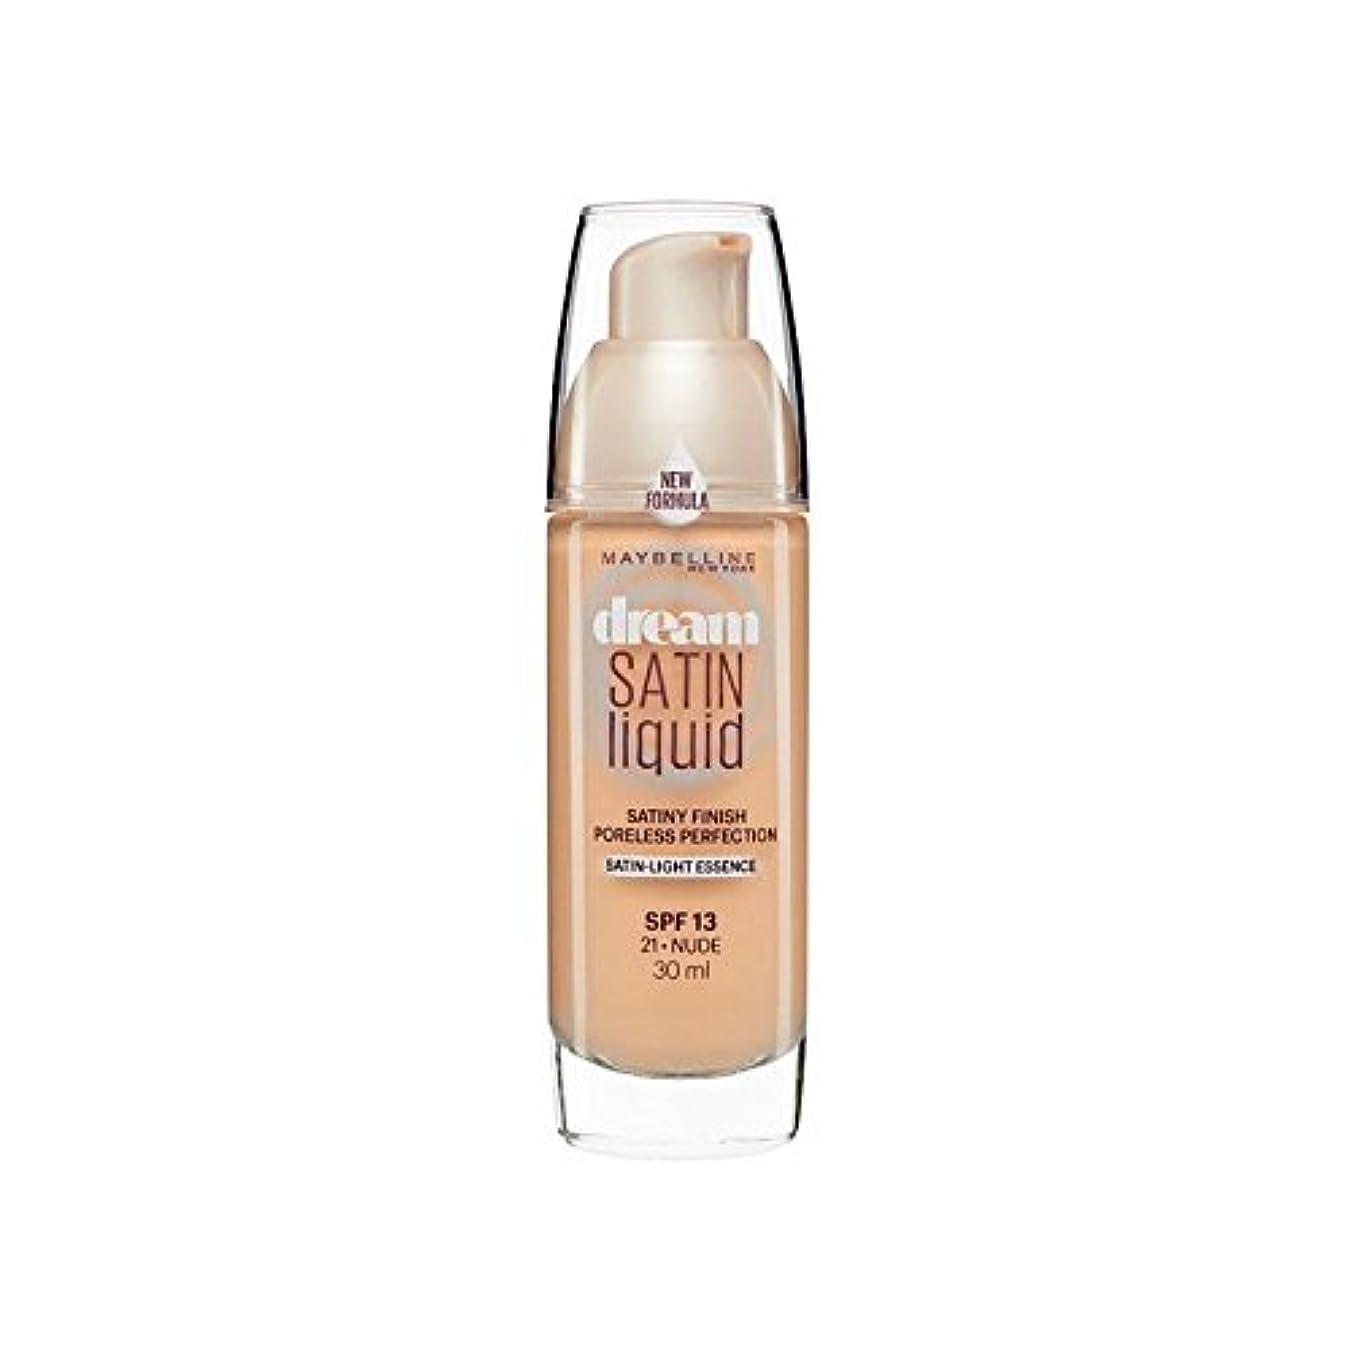 試み哲学主観的メイベリン夢サテンリキッドファンデーション21ヌード30ミリリットル x4 - Maybelline Dream Satin Liquid Foundation 21 Nude 30ml (Pack of 4) [並行輸入品]